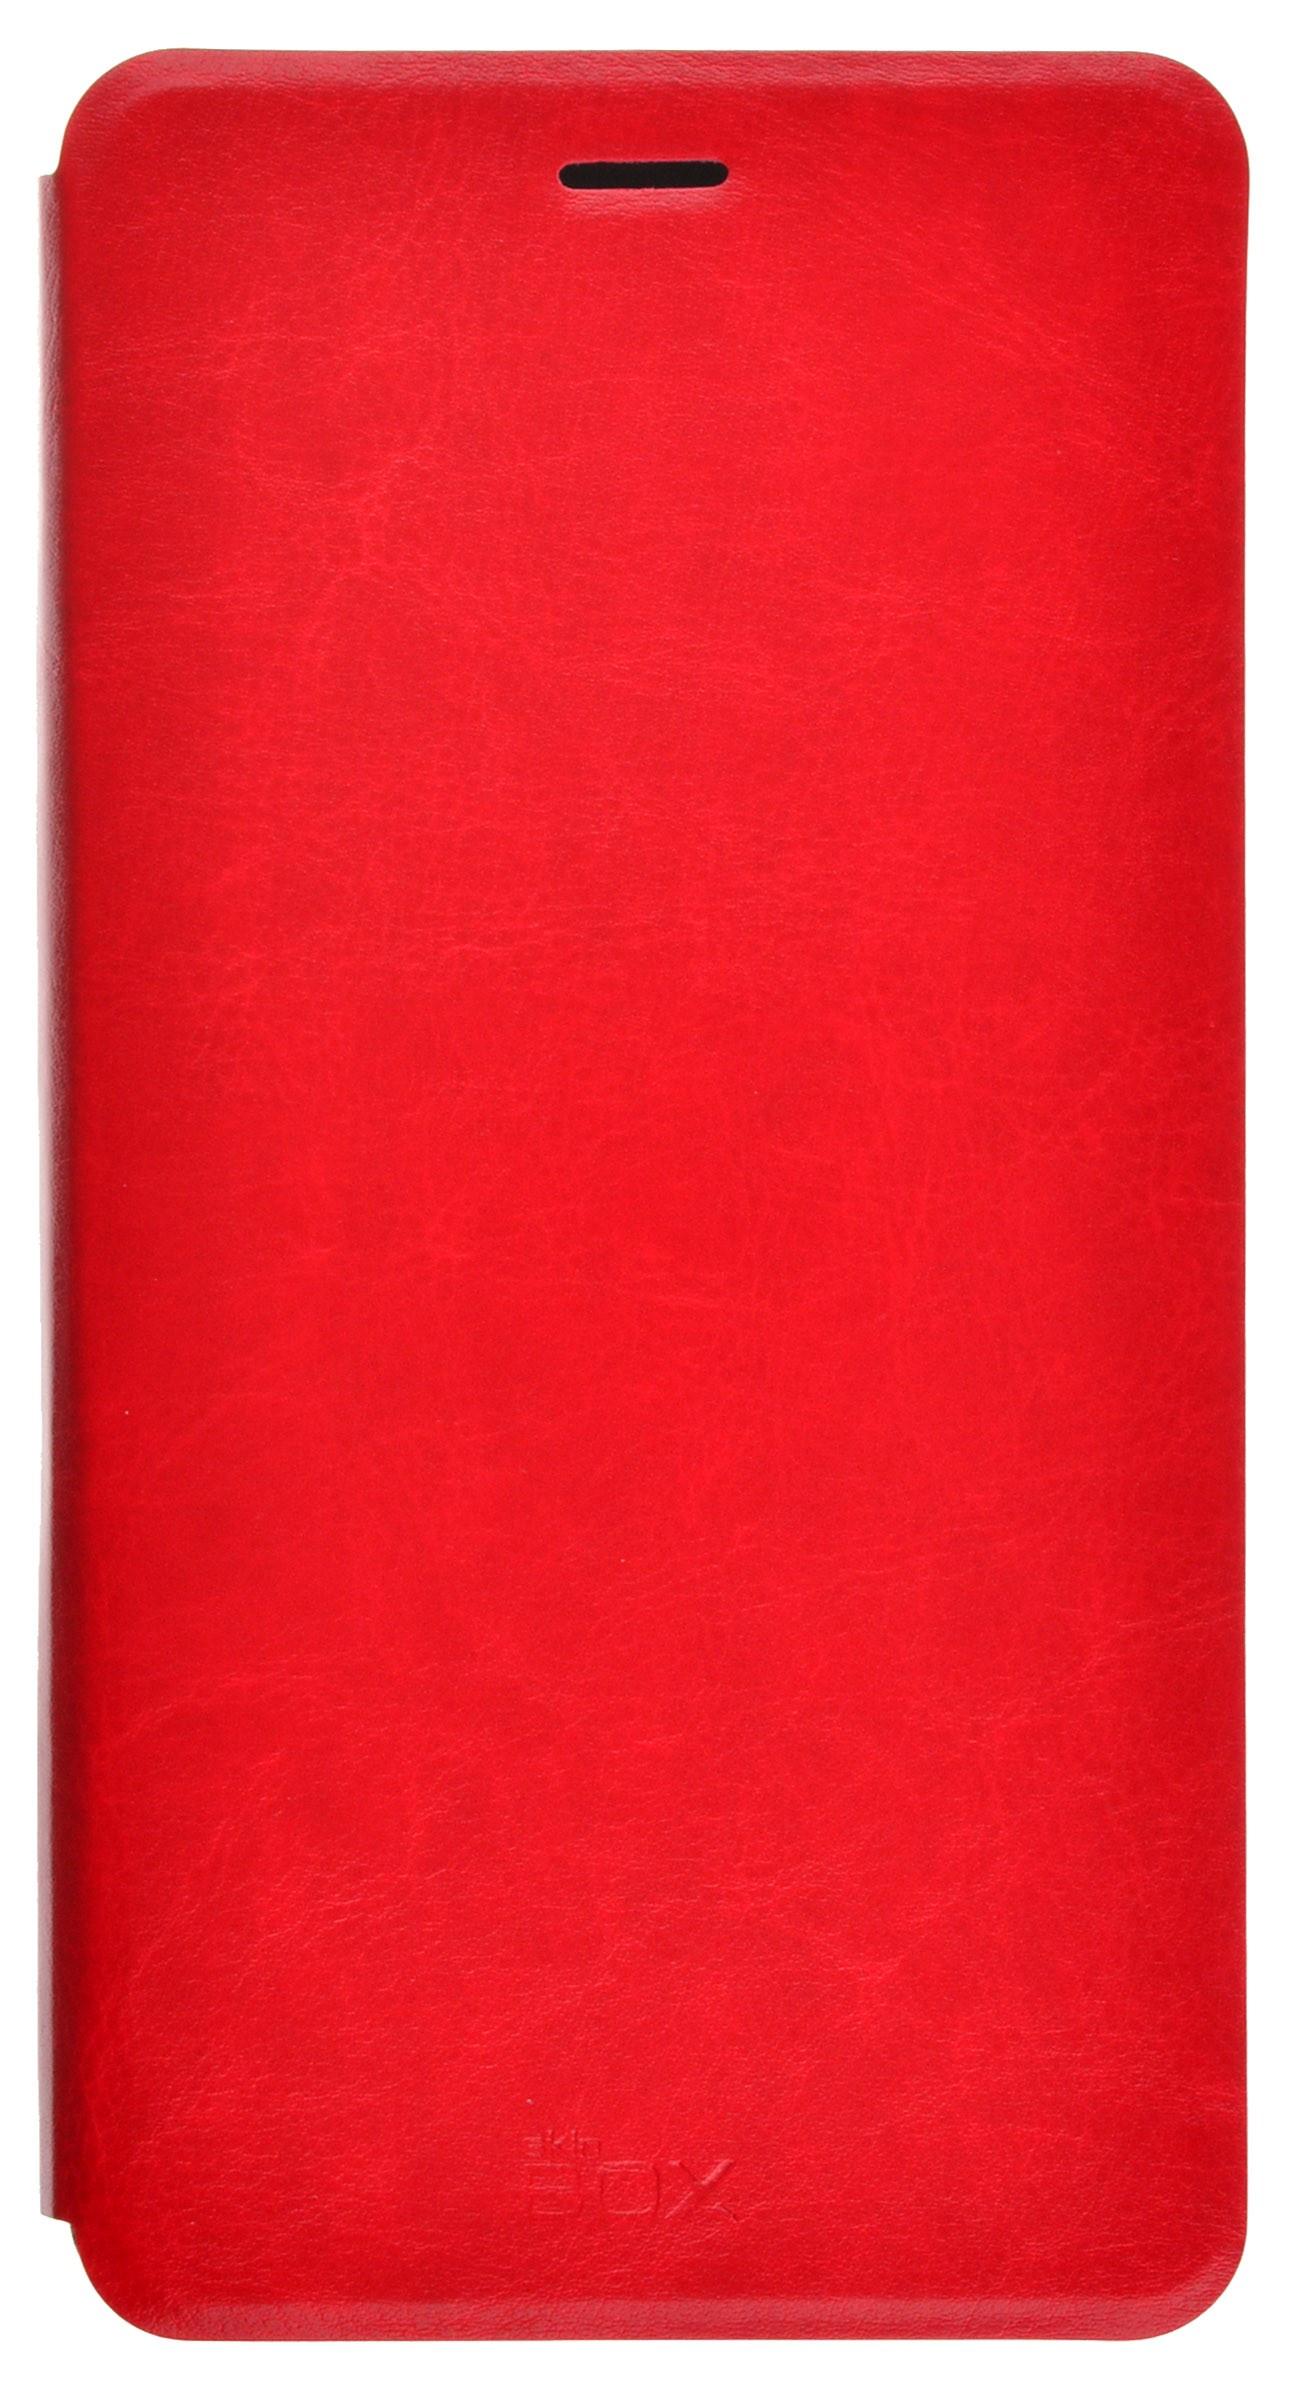 Чехол для сотового телефона skinBOX Lux, 4630042528376, красный чехол защитный skinbox samsung galaxy j7 prime galaxy on7 sm g600f